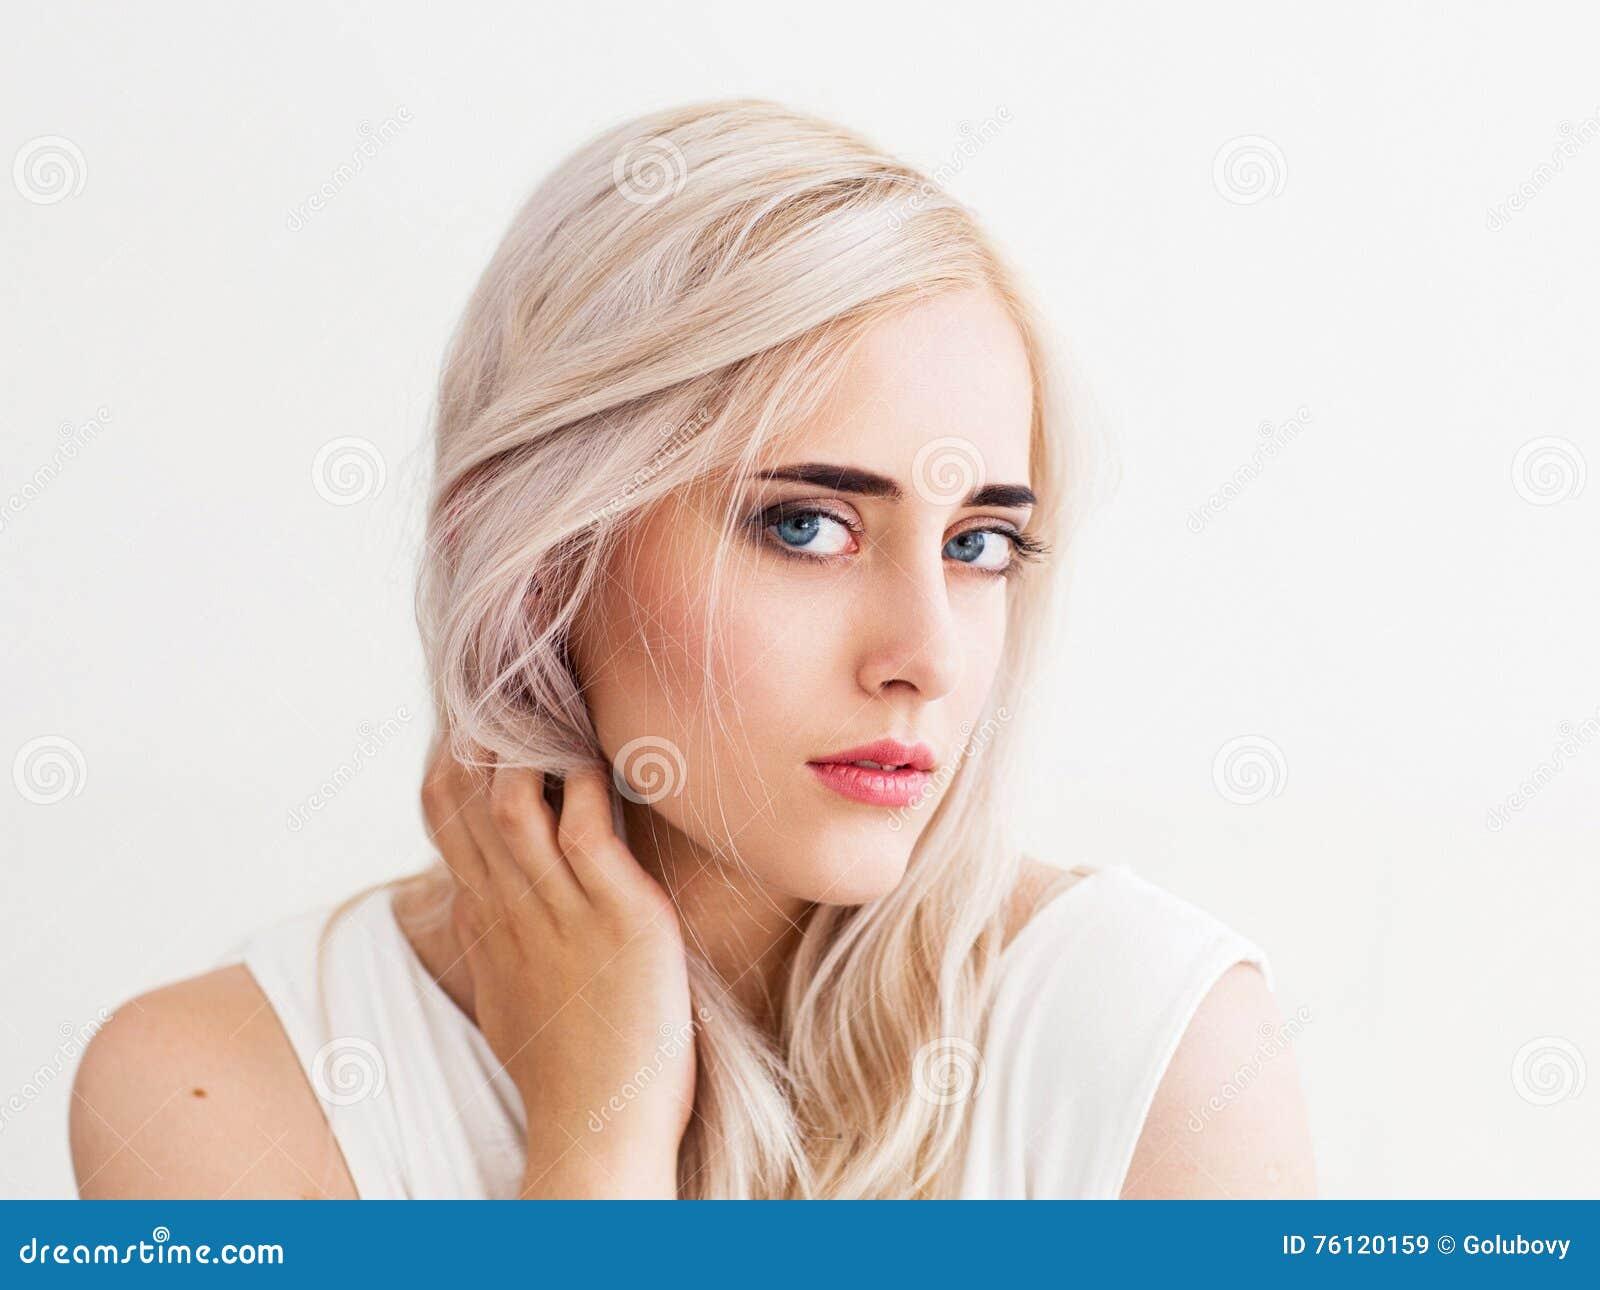 Pictures of scandinavian women